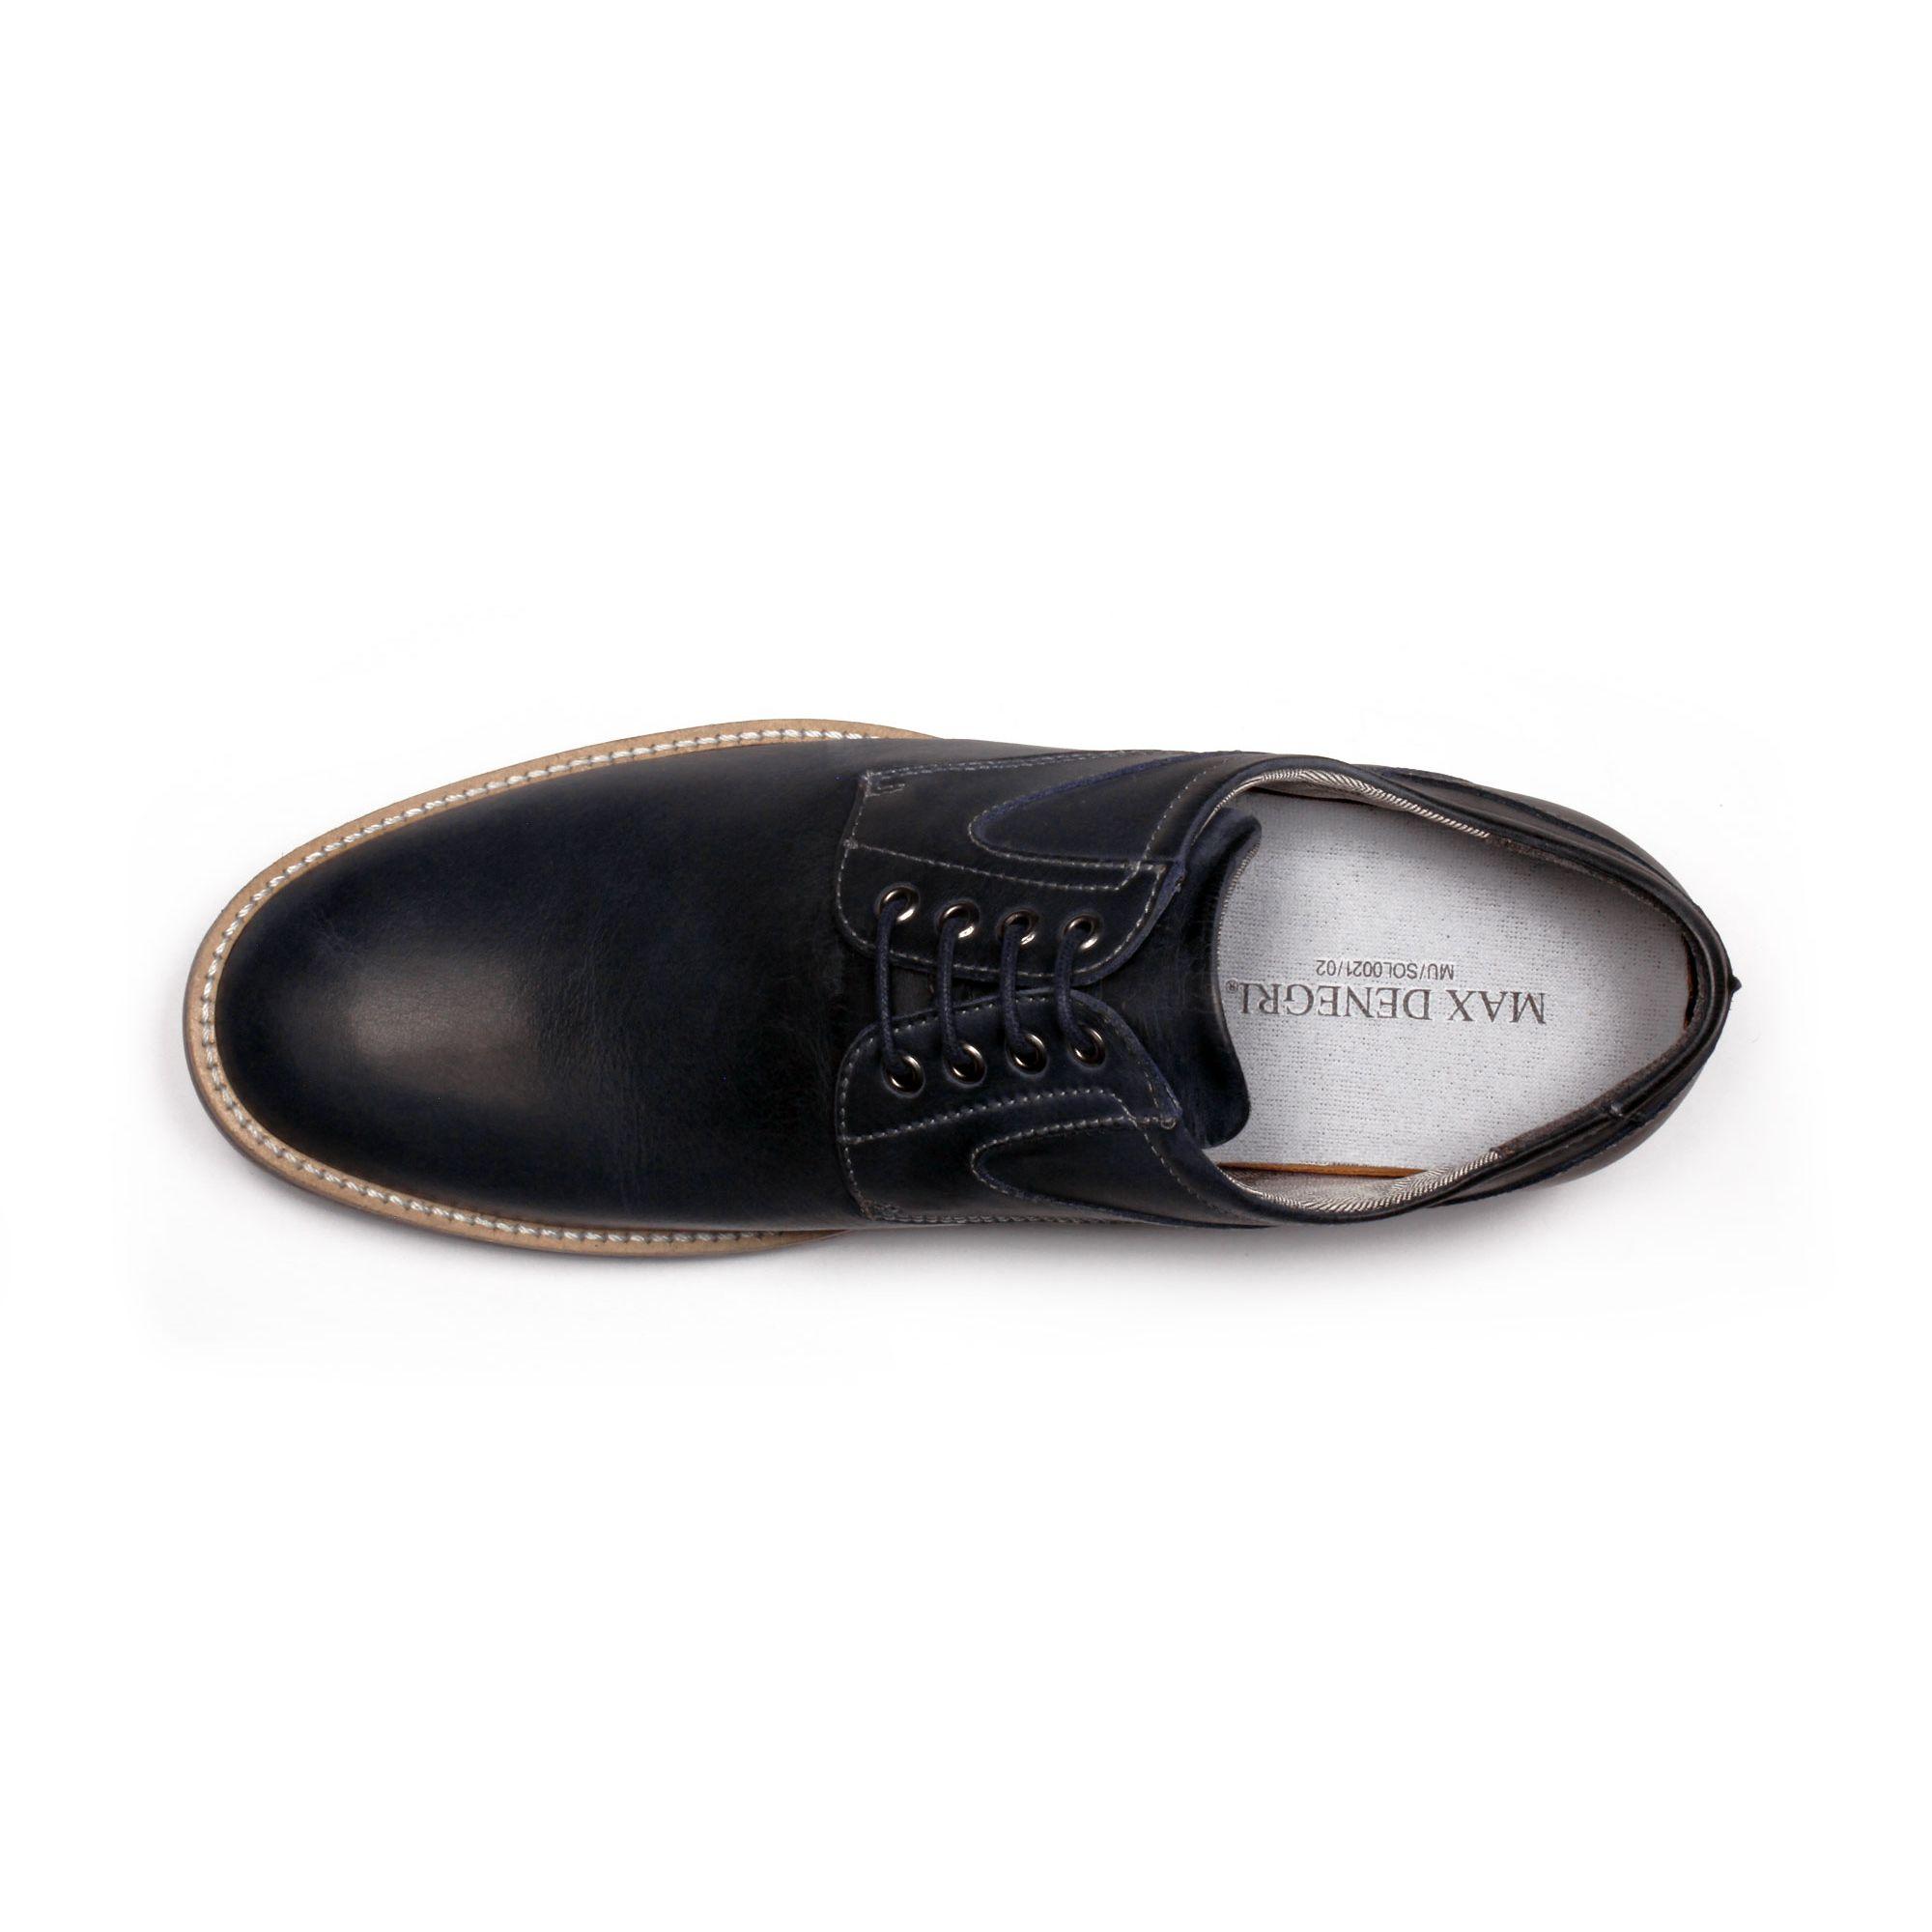 Zapato Casual Culture Azul Max Denegri +7cm de Altura_70876